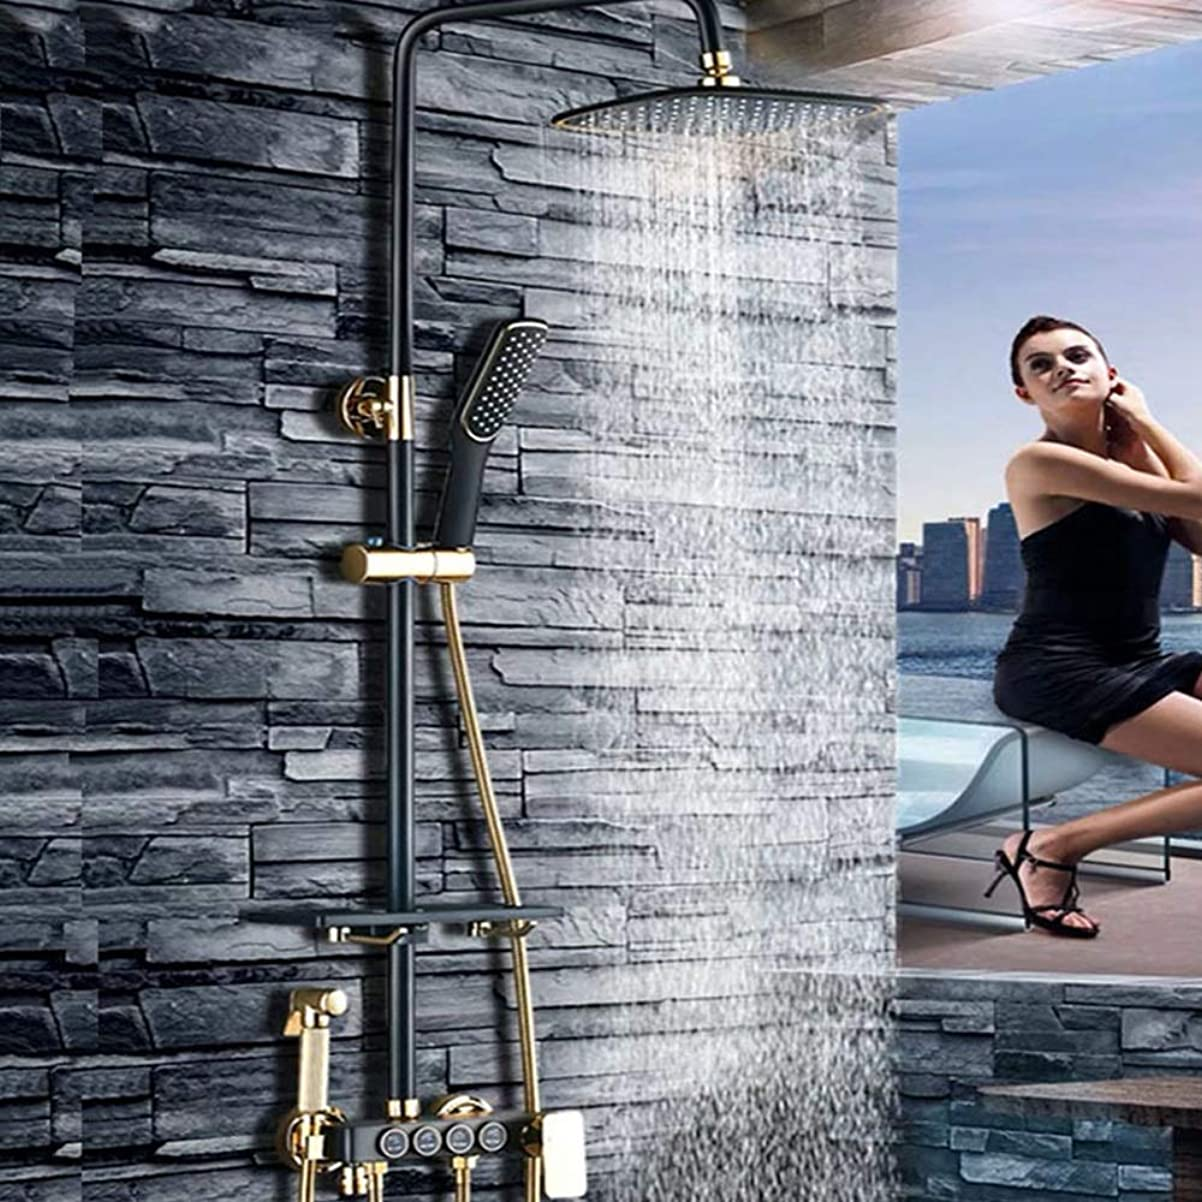 区別額有効化ブラックシャワーシェルフシャワーセットサイズとセット/全銅の蛇口浴室のシャワーブースターシャワーヘッド/ファイン銅のテーマ:* 900ミリメートル340 浴室用設備